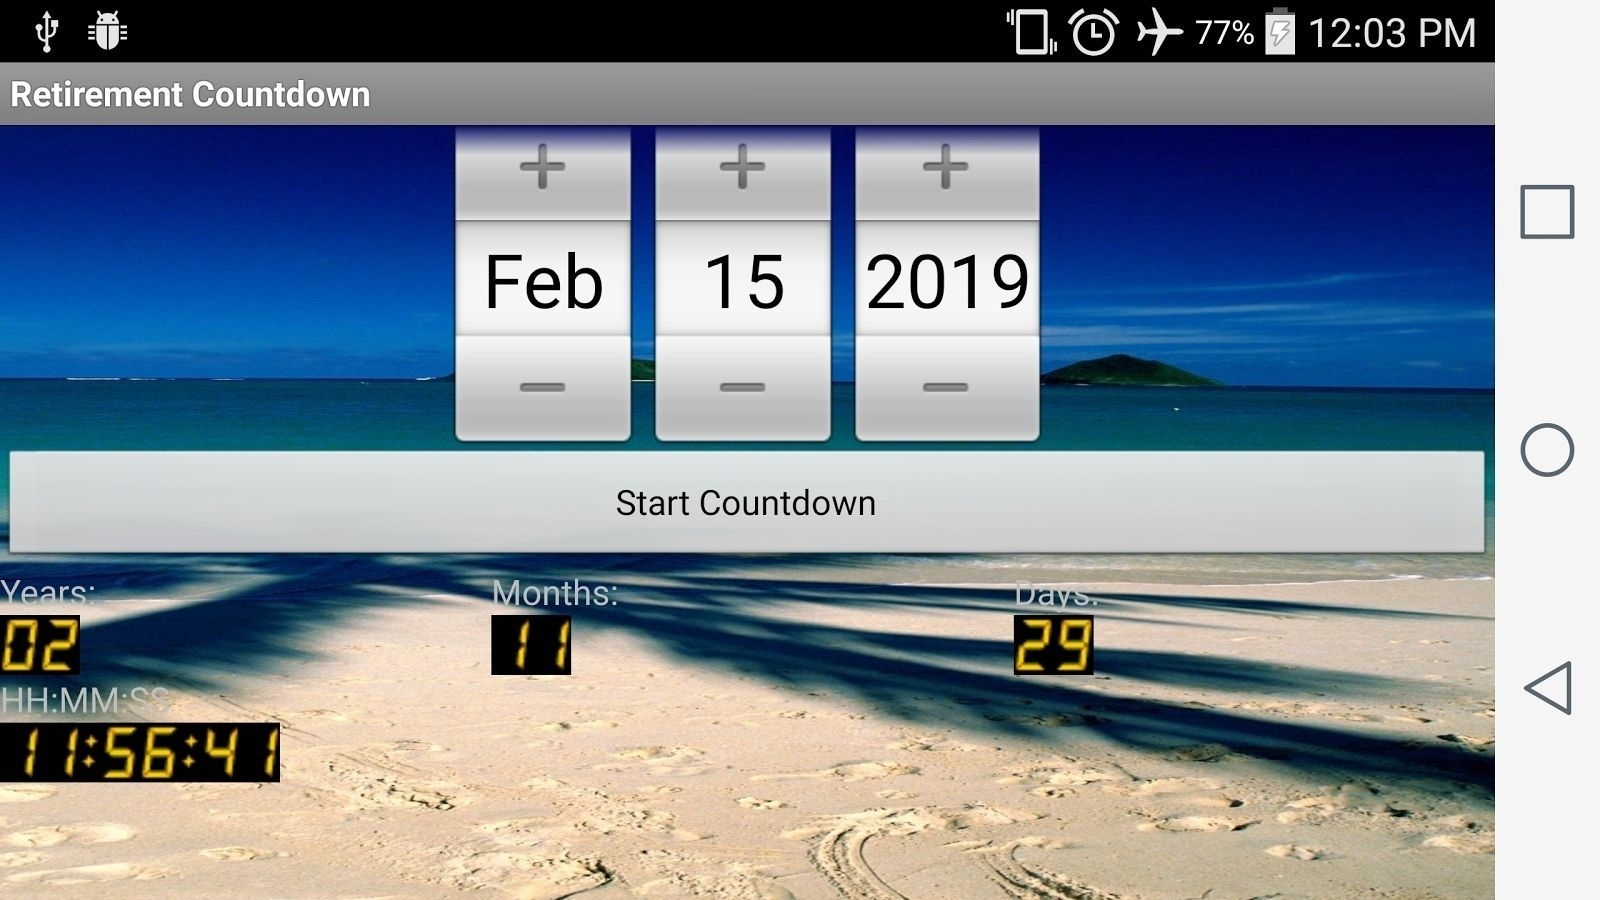 countdown calendar widget for desktop in 2020 | retirement